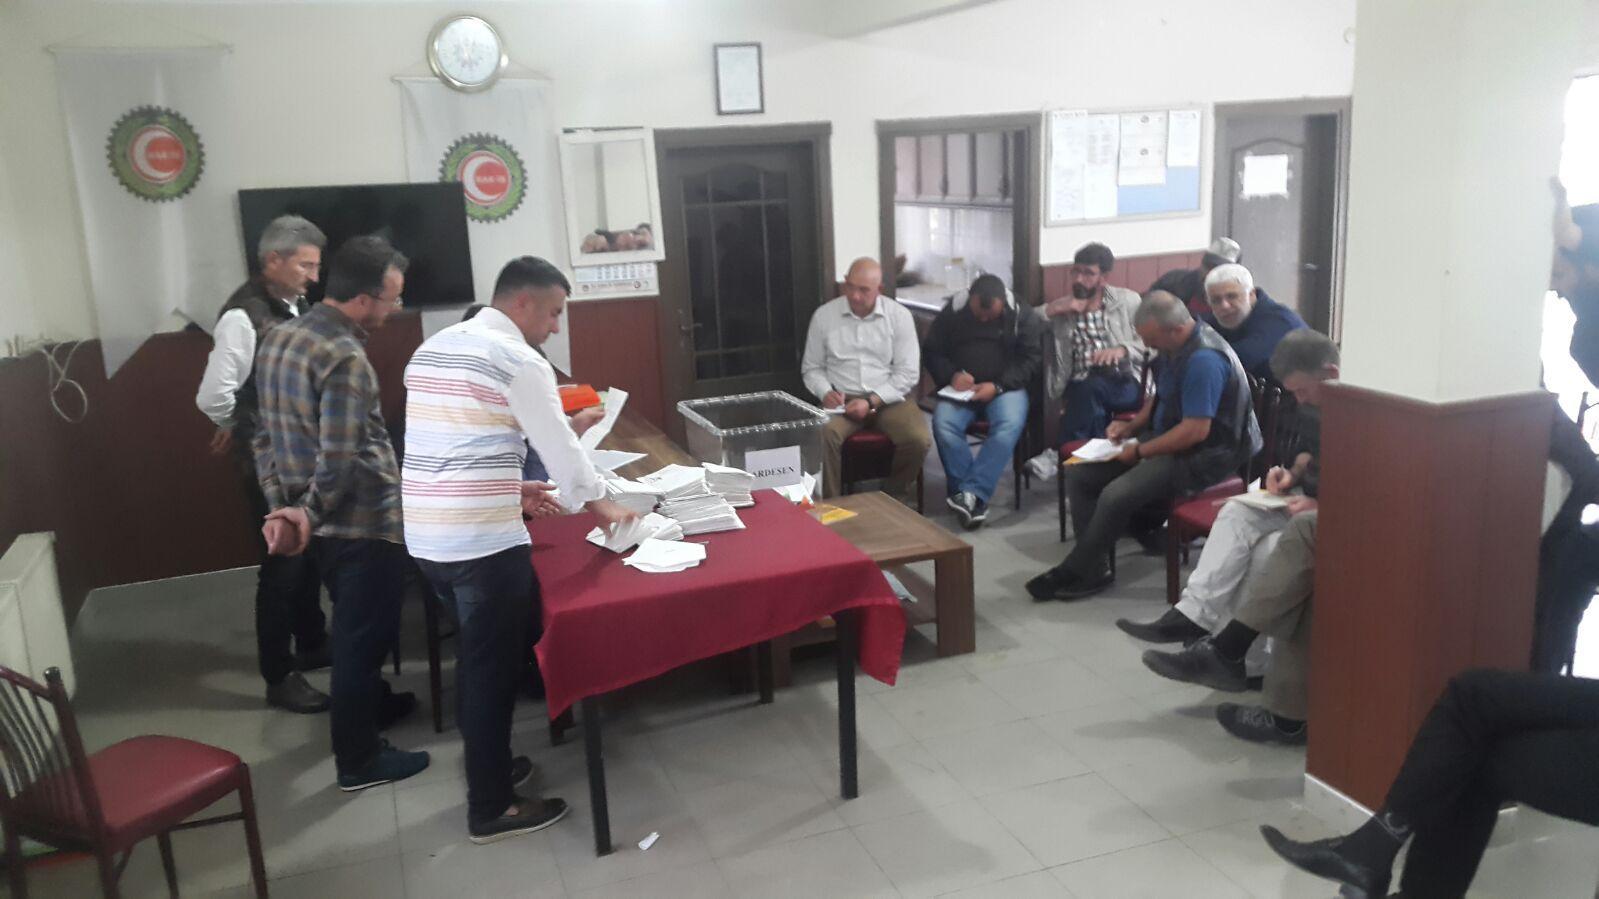 Bölge başkanı orhan topaloğlu'nun fabrikası sendika seçimini paket çıkardı